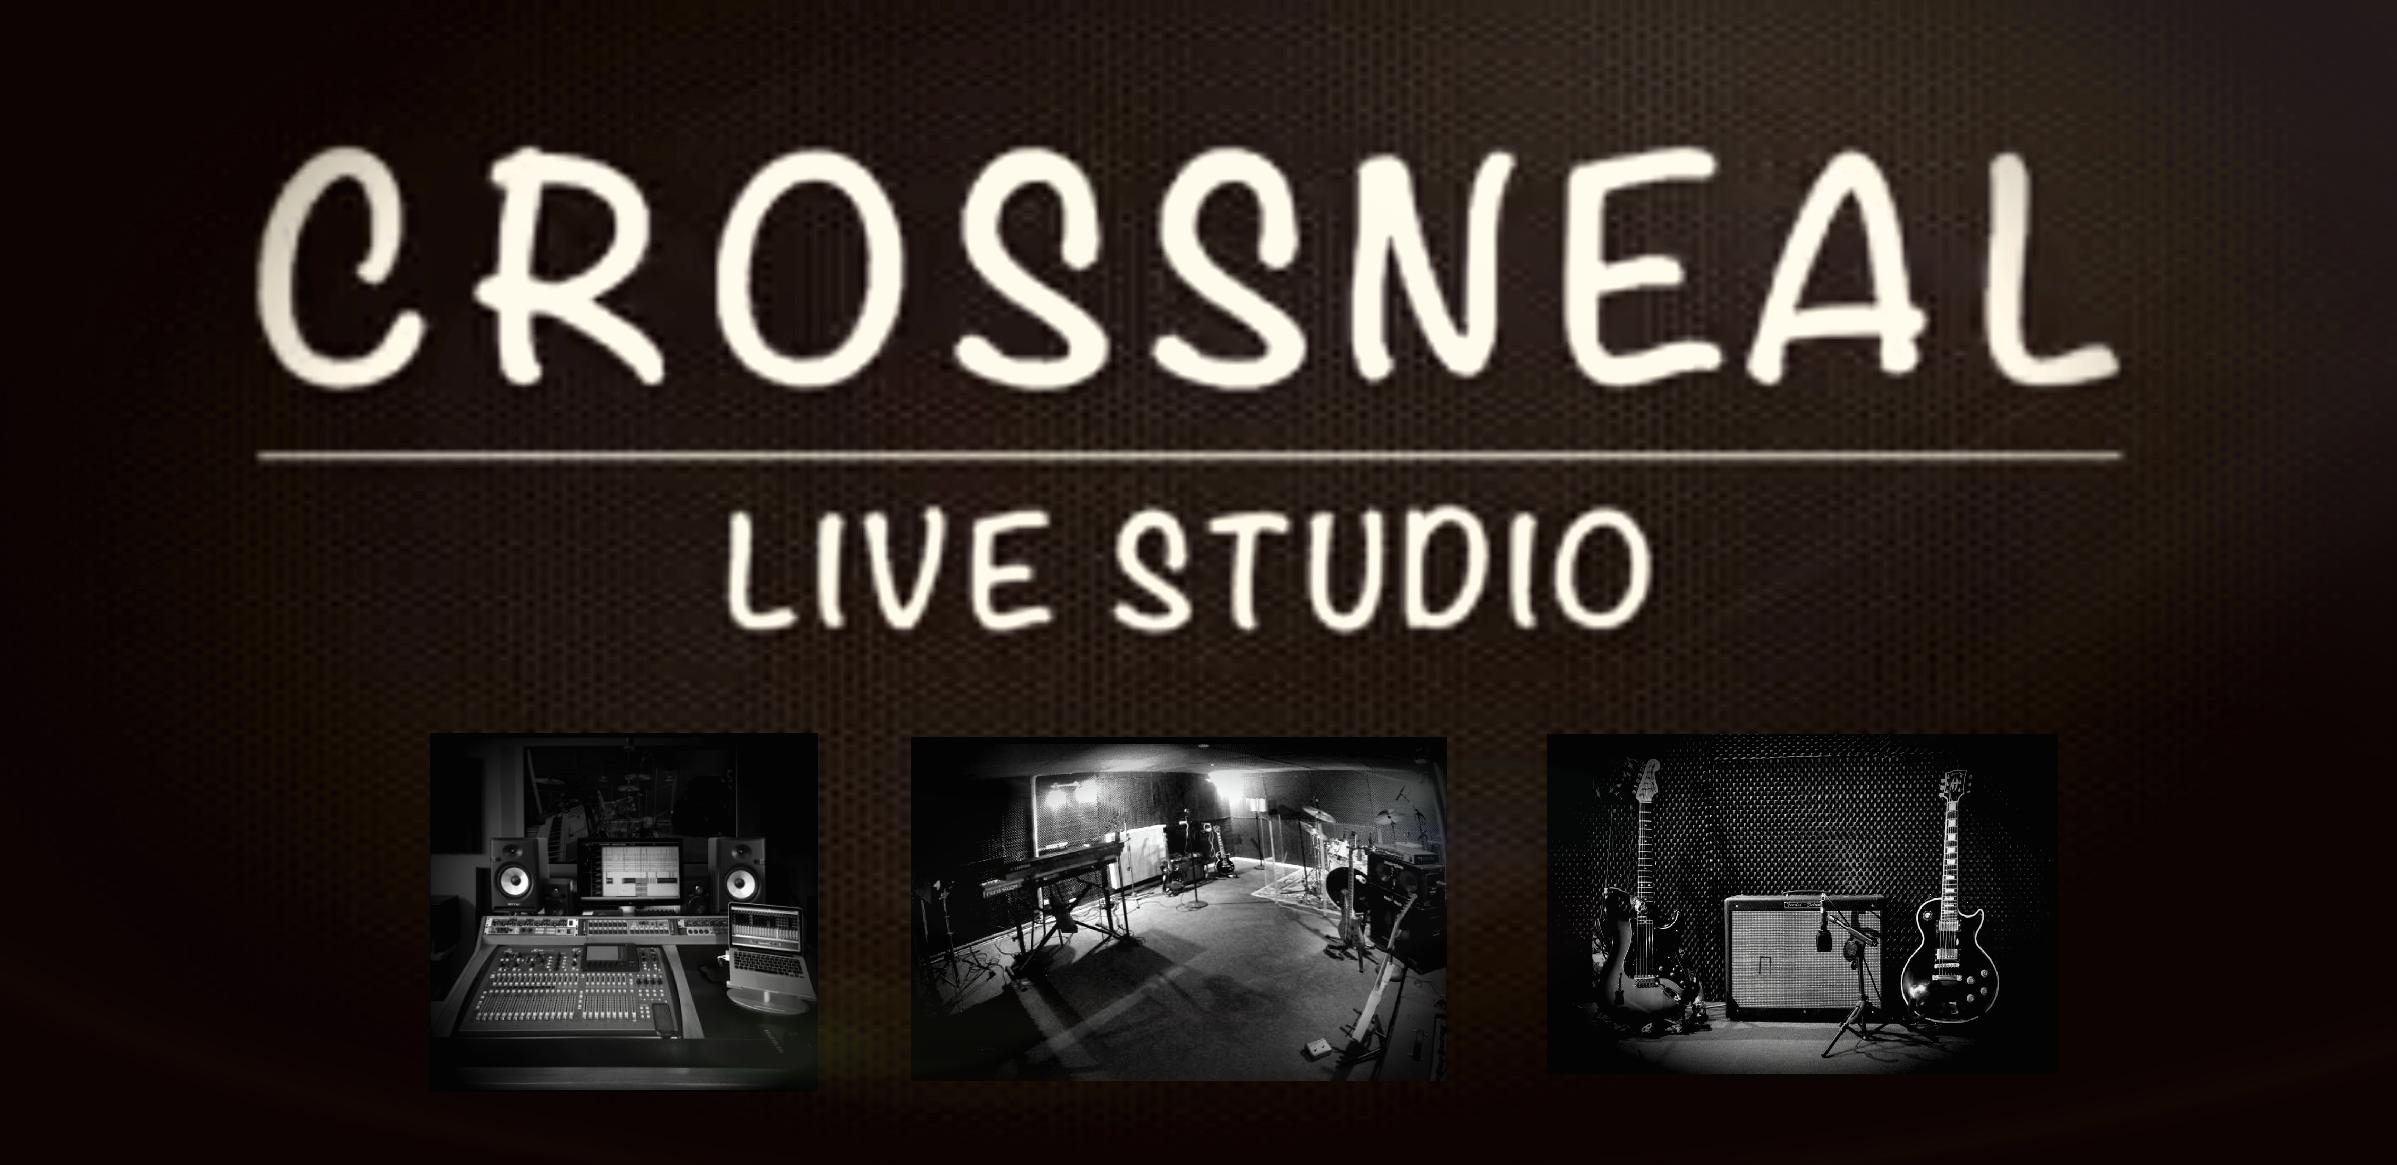 CROSSNEAL Studio